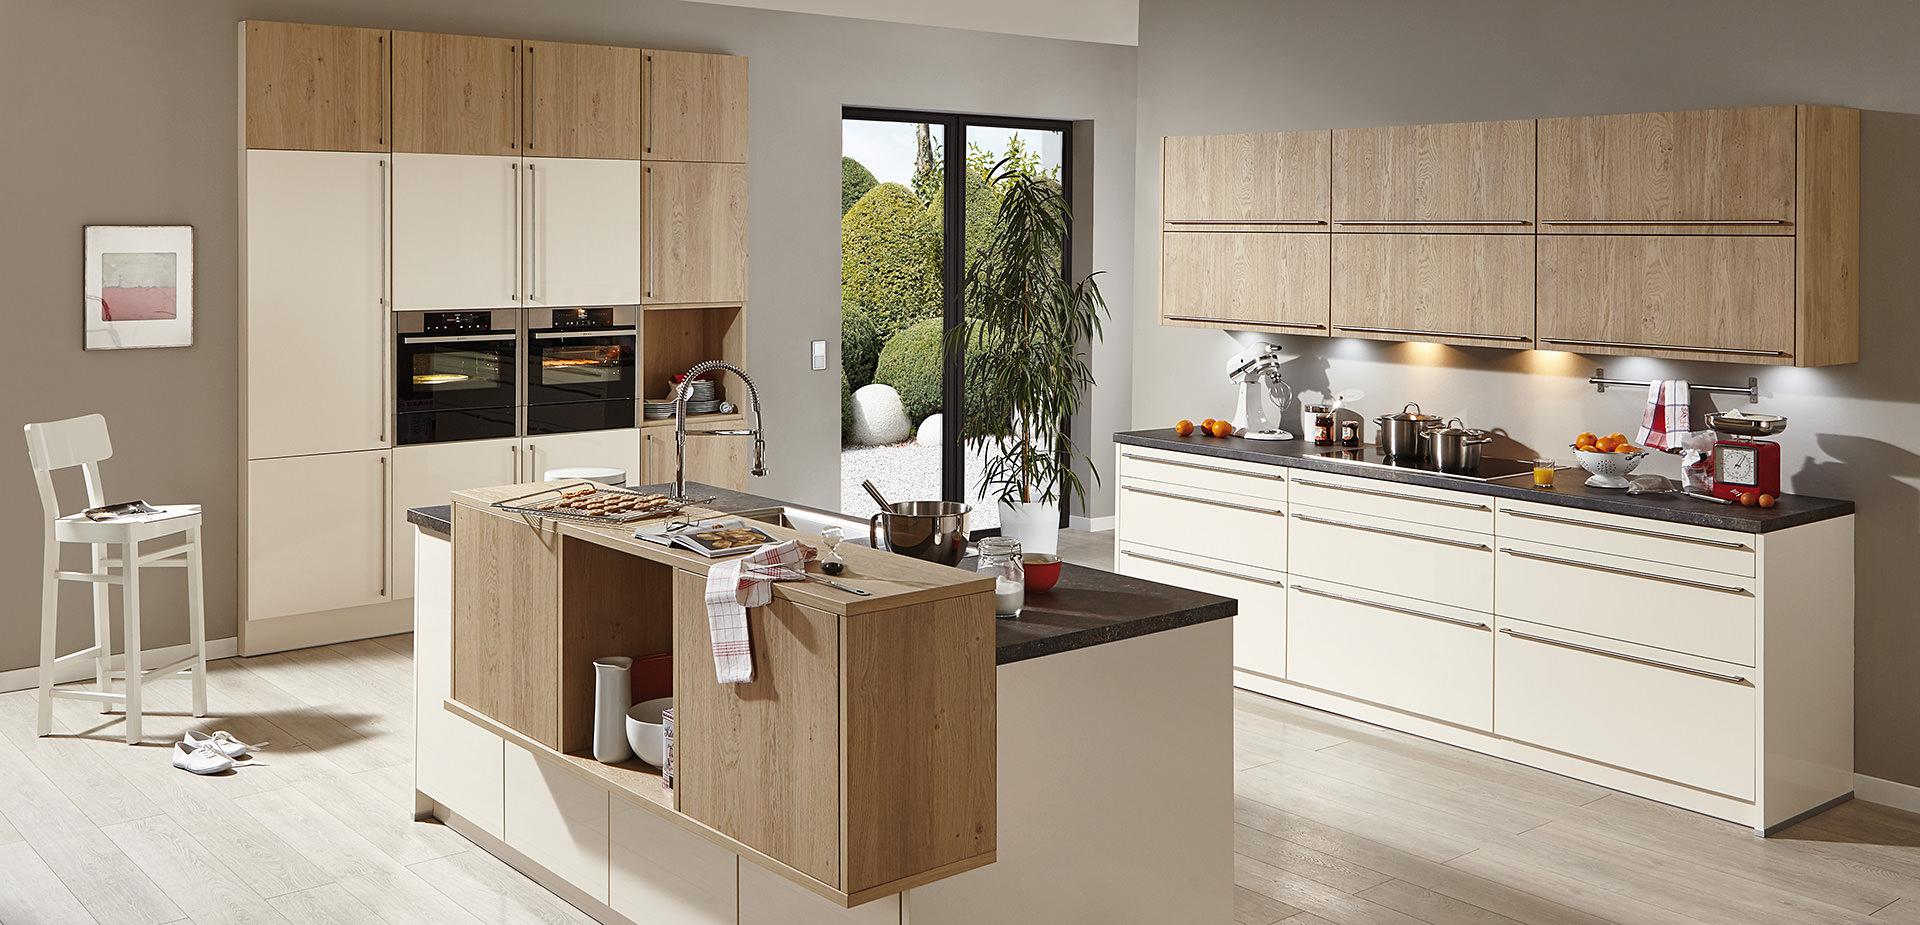 Full Size of Küche Mit Insel Ikea Küche Mit Insel Modern Küche Mit Insel Online Kaufen U Küche Mit Insel Küche Küche Mit Insel